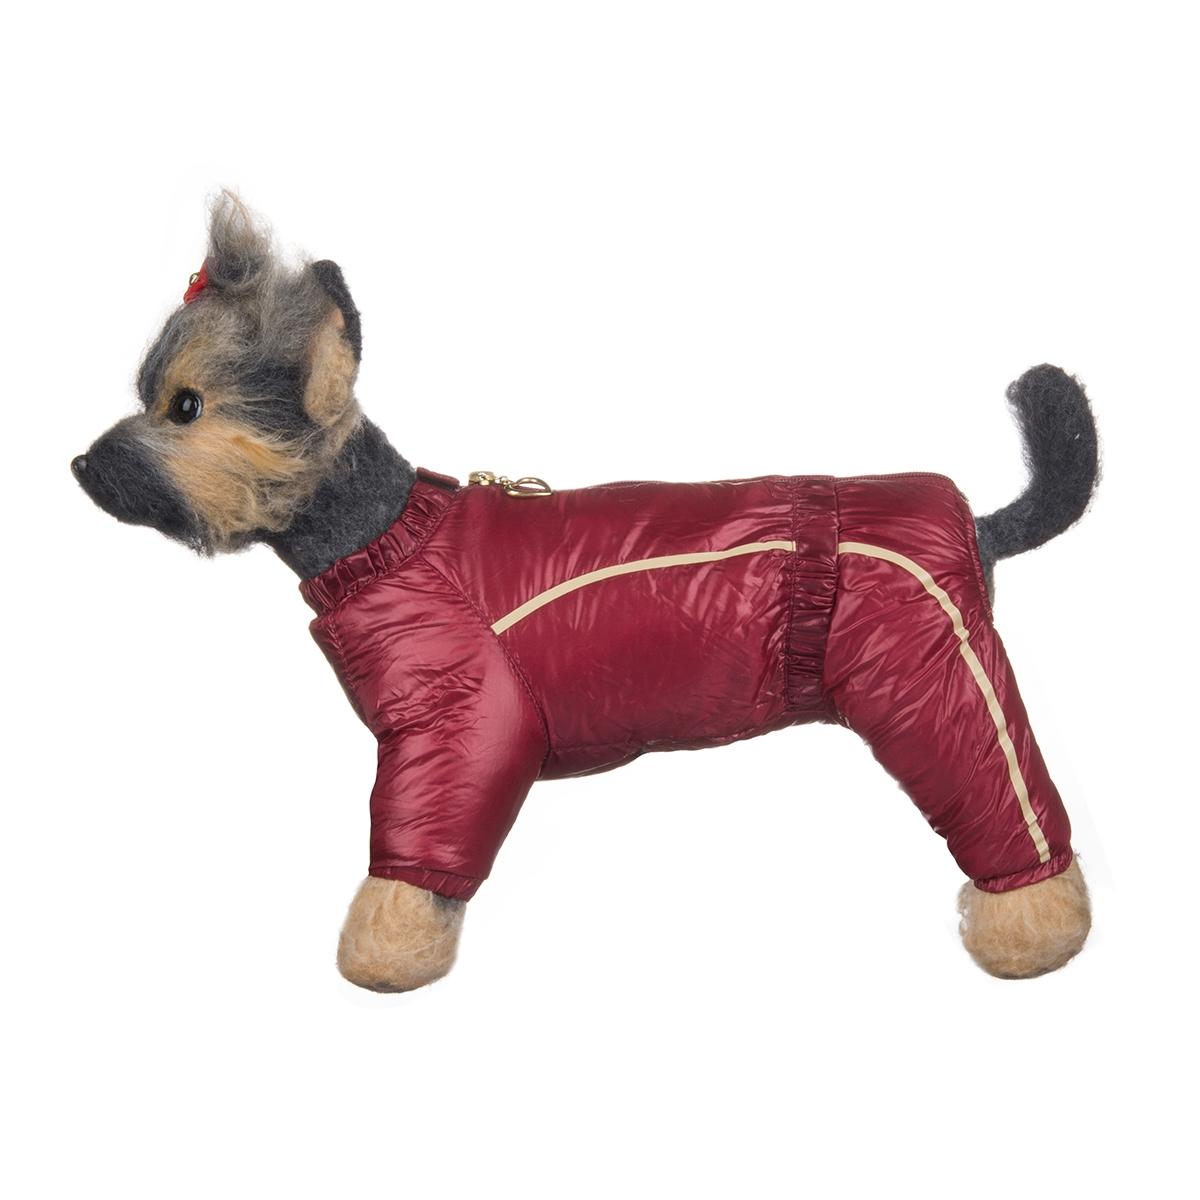 Комбинезон для собак Dogmoda Альпы, зимний, для девочки, цвет: бордовый, серый. Размер 1 (S) комбинезон для собак dogmoda doggs зимний для девочки цвет оранжевый размер xxxl